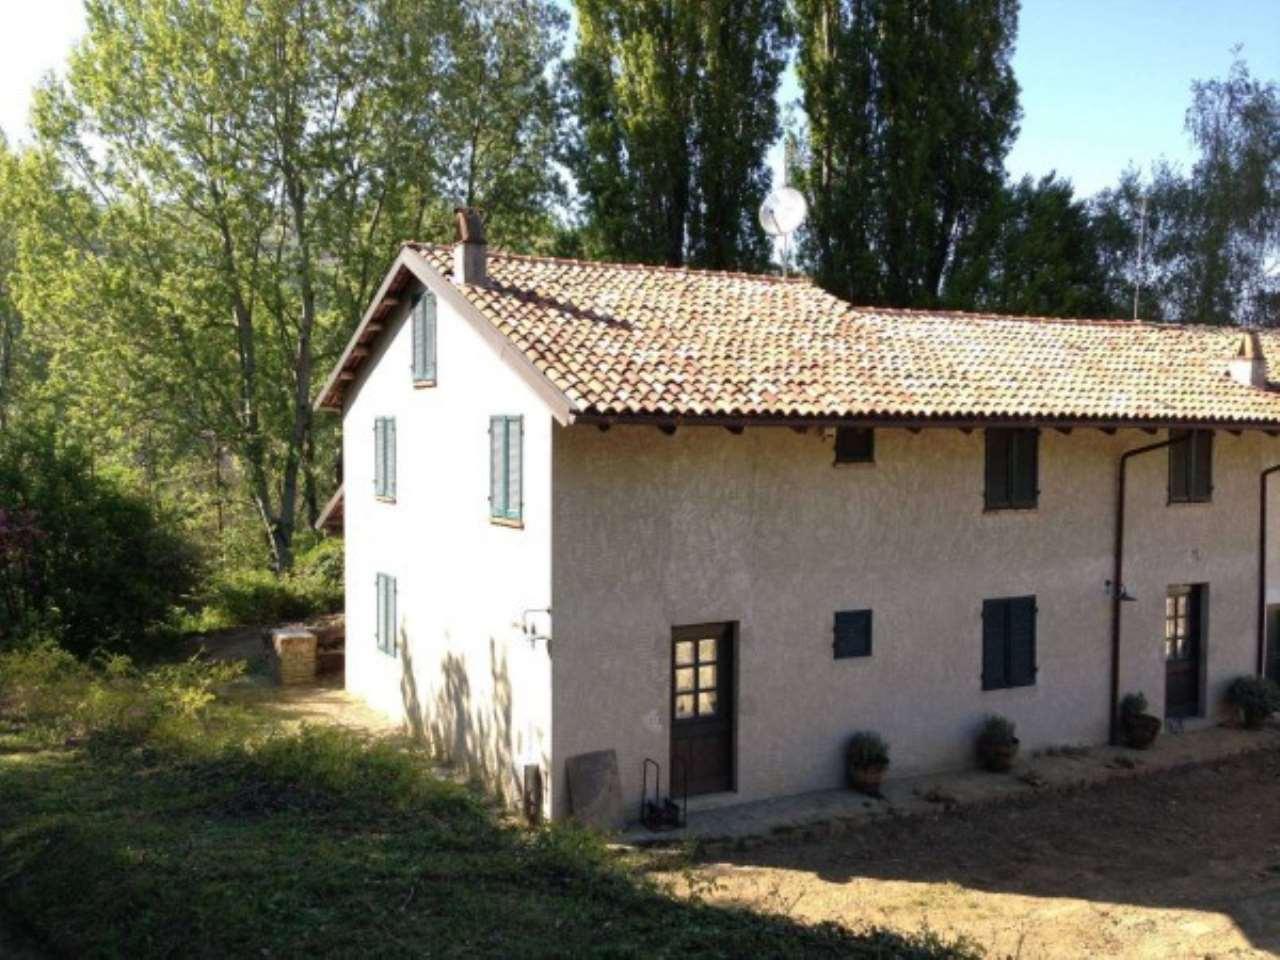 Rustico / Casale in vendita a Cossano Belbo, 6 locali, prezzo € 240.000   Cambio Casa.it